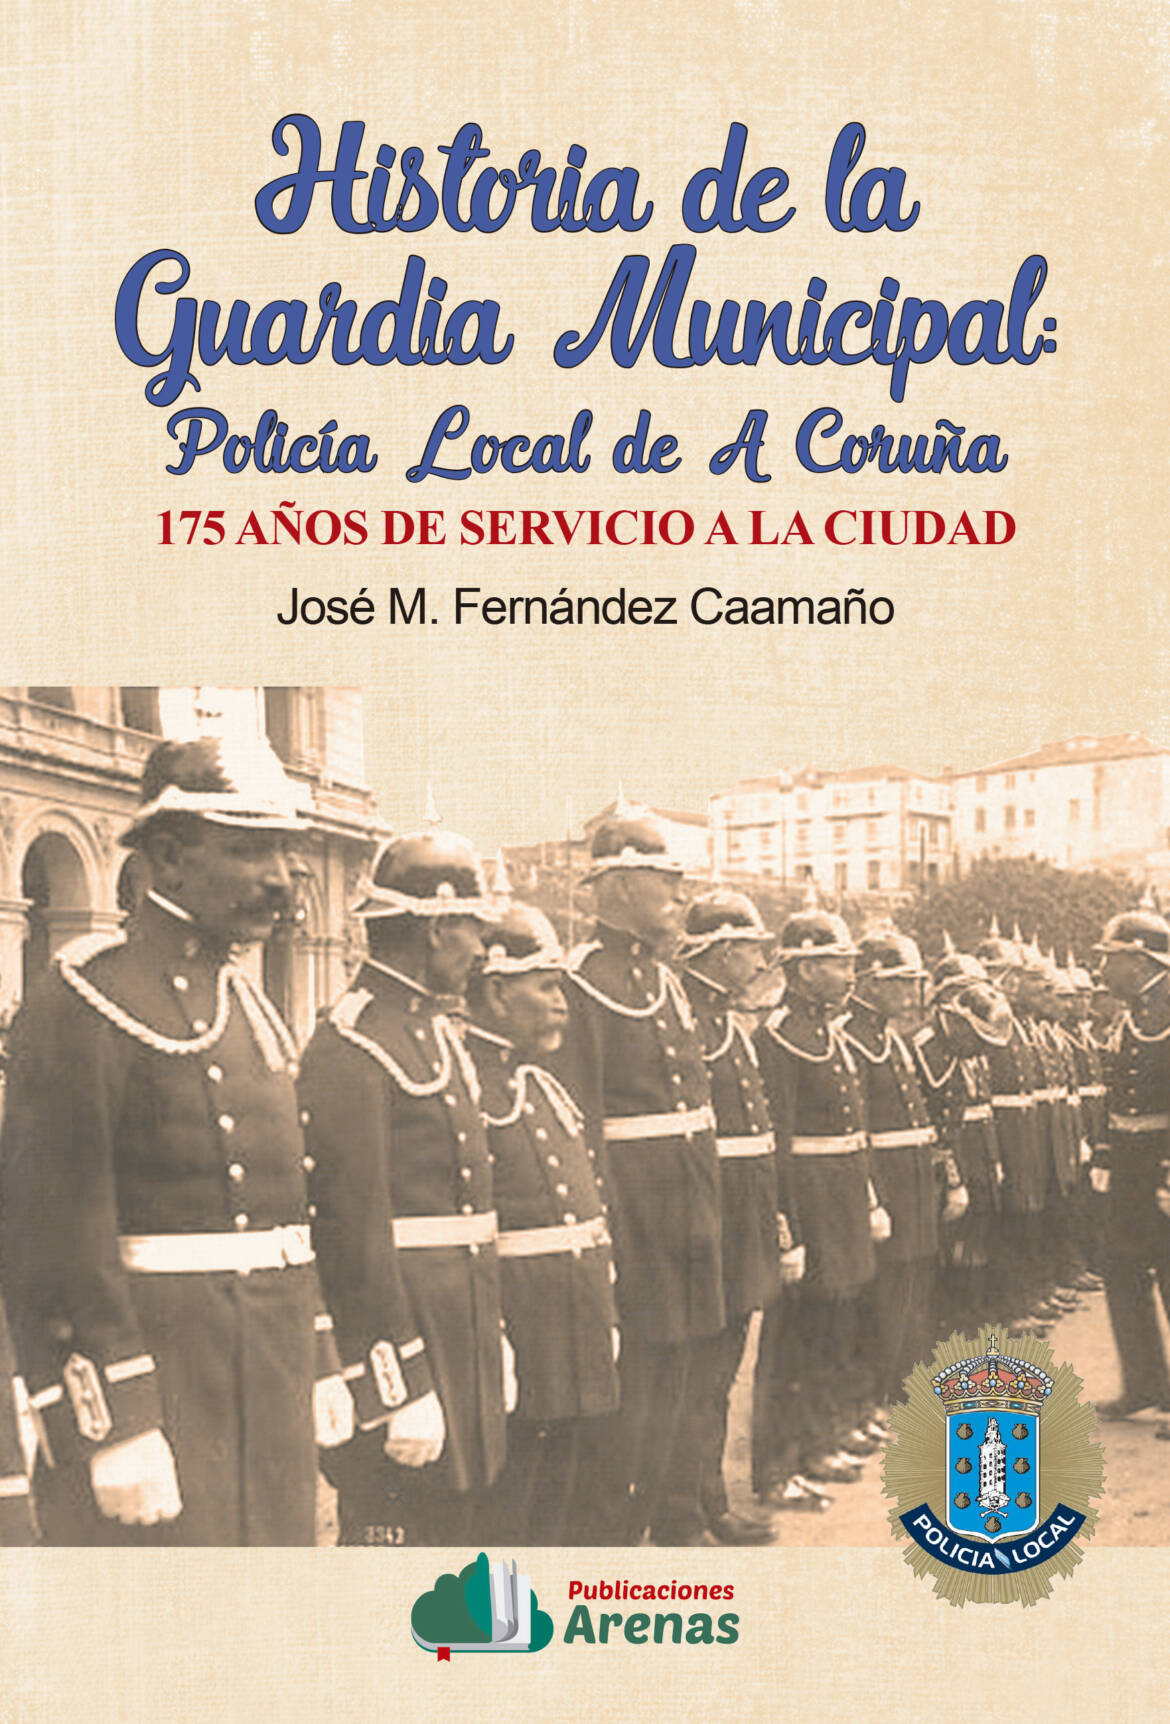 Portada-Historia-de-la-Guardi-Municipal.jpg